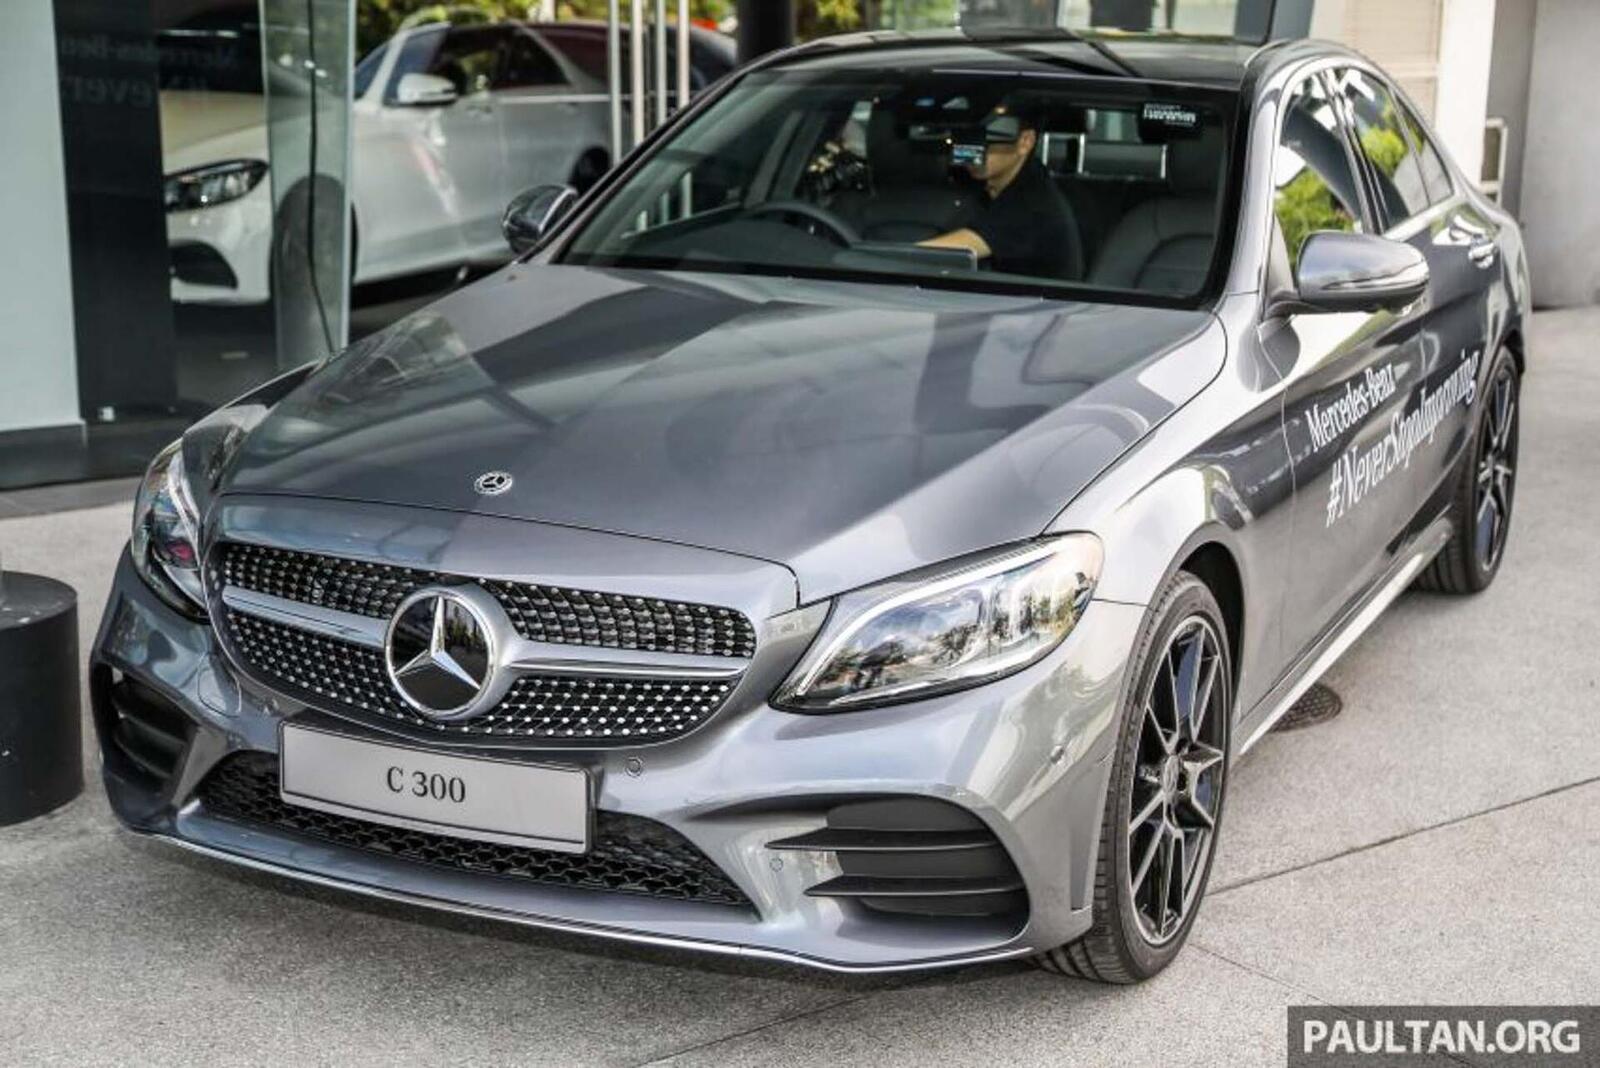 Sau Malaysia, Mercedes-Benz Việt Nam sắp sửa giới thiệu C-Class 2019? - Hình 17